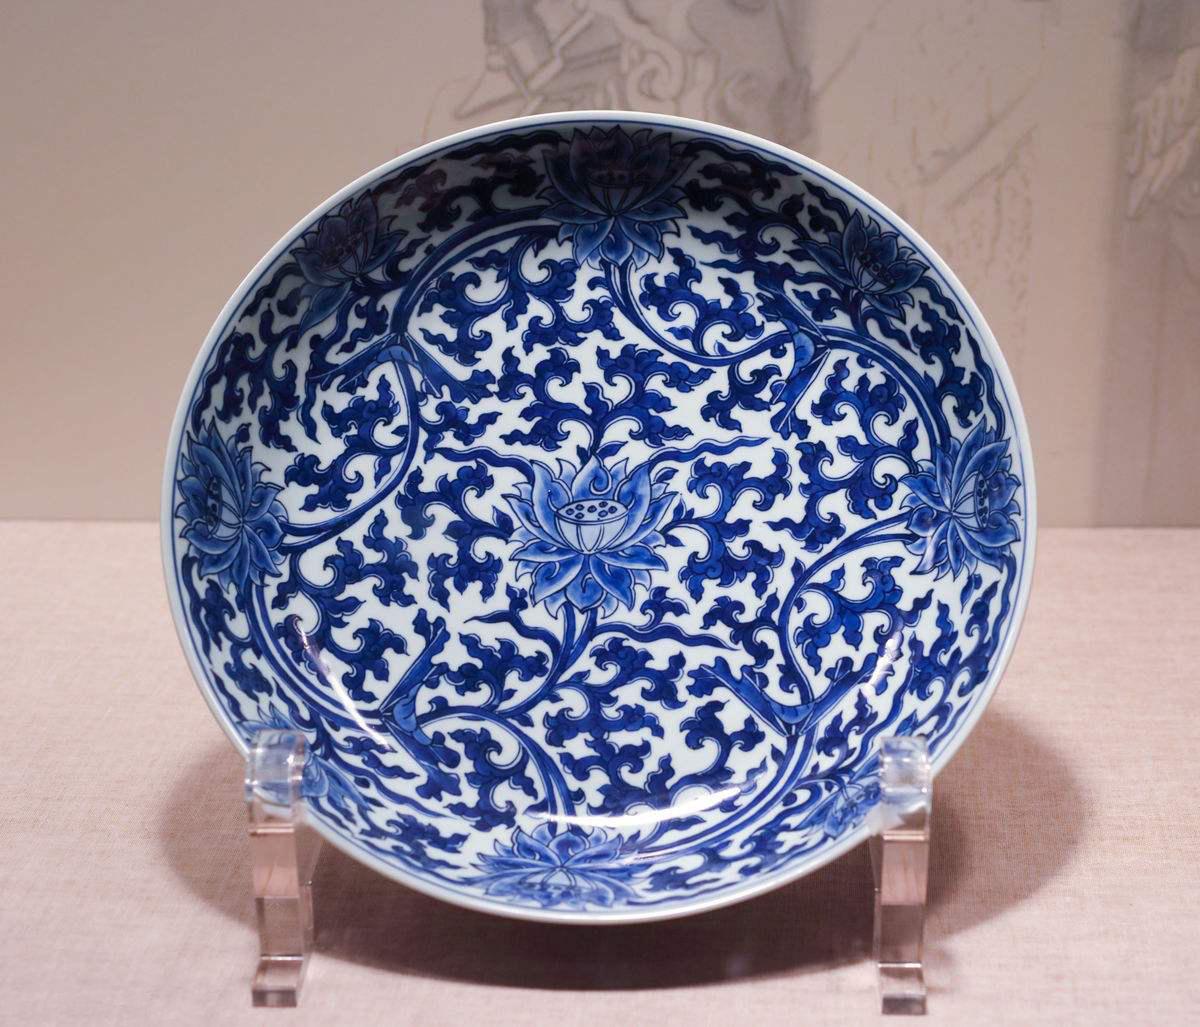 清早期景德镇民窑青花瓷有什么特征?